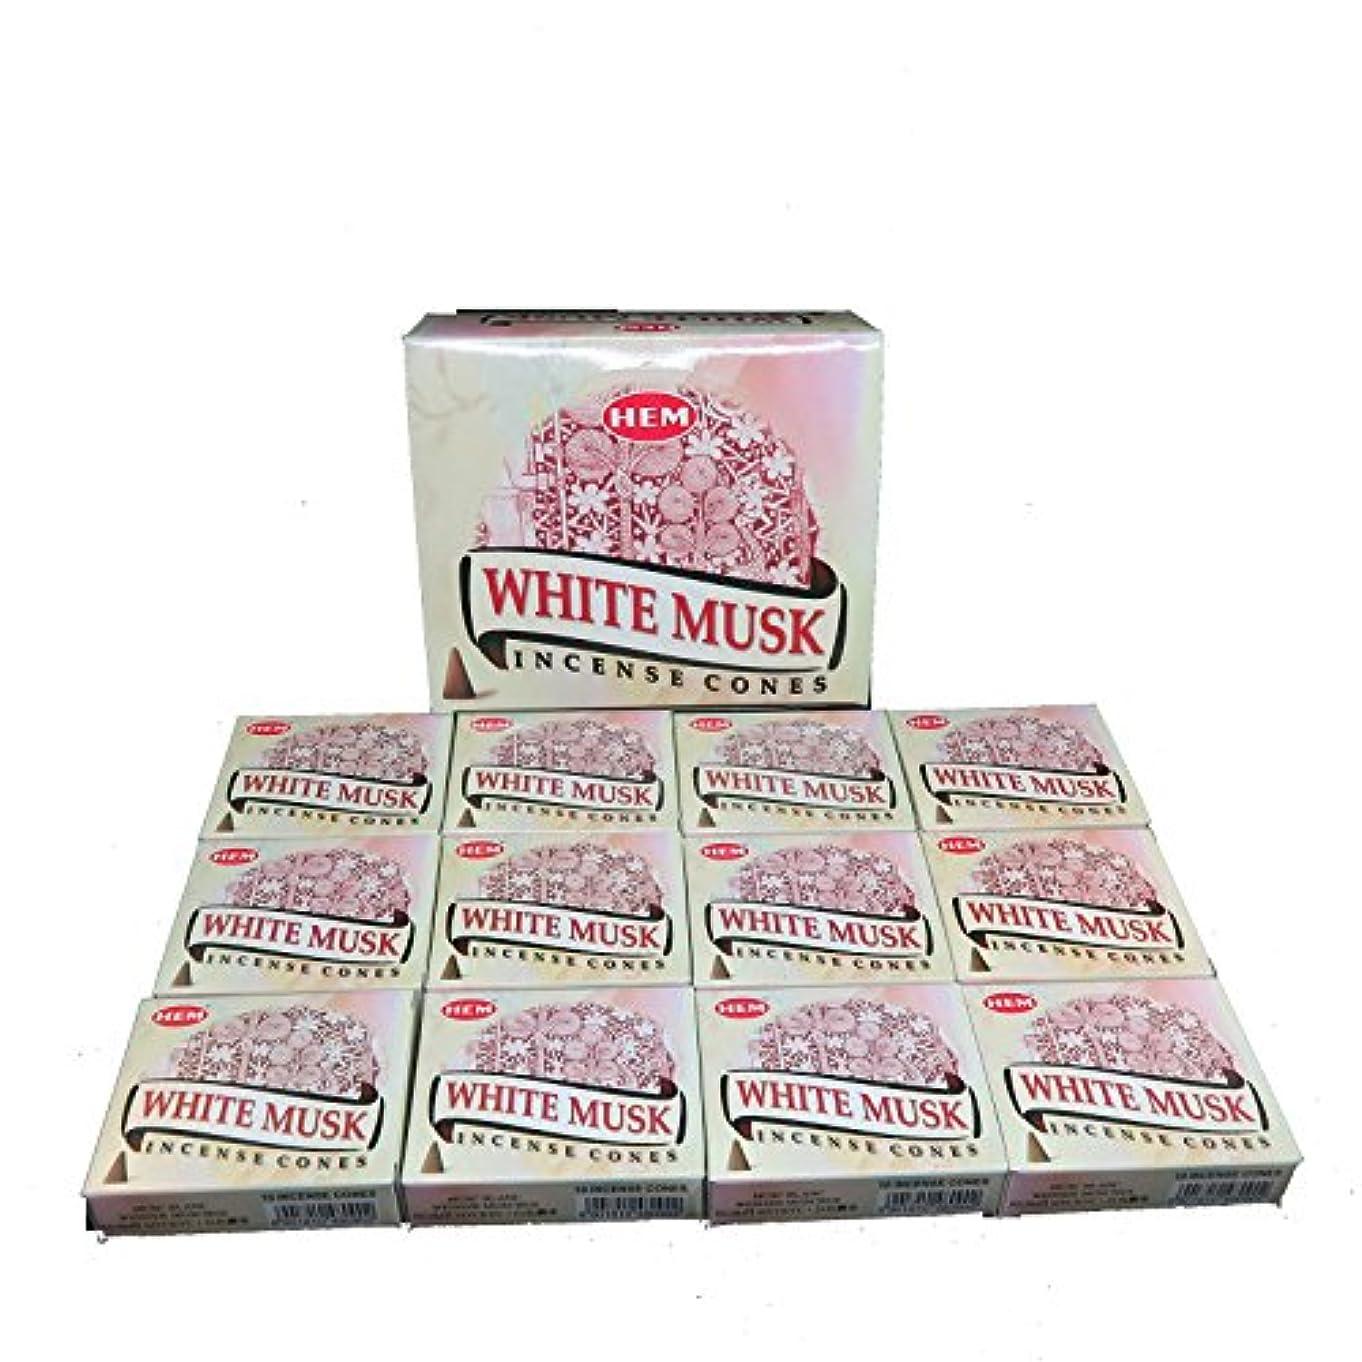 社会乏しいハロウィンHEM ホワイトムスク香 コーンタイプ 12ケース(1ケース10個入り)White musk